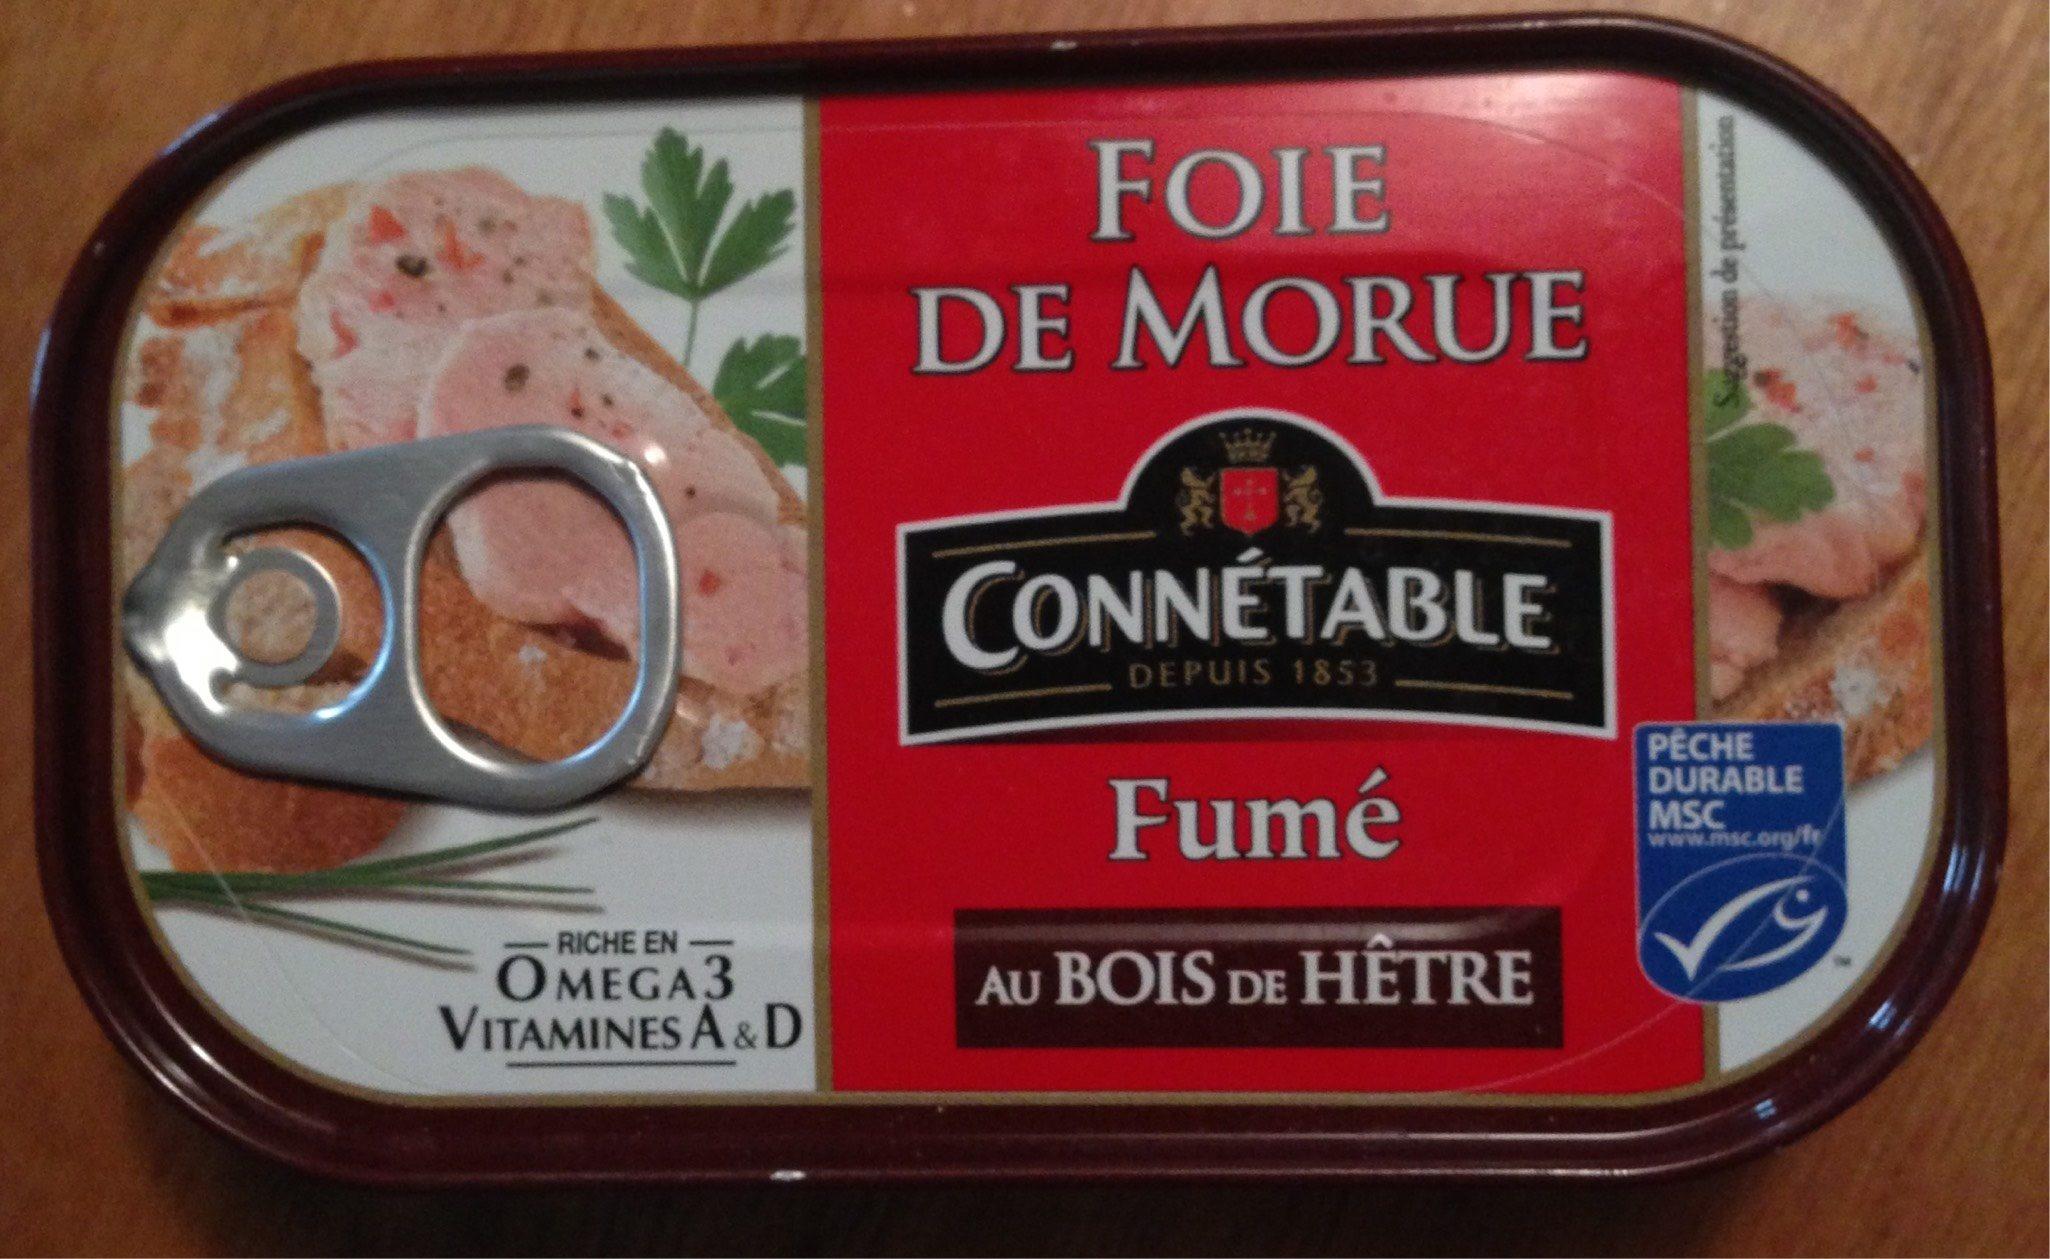 Foie de morue fumé au bois de hêtre - Product